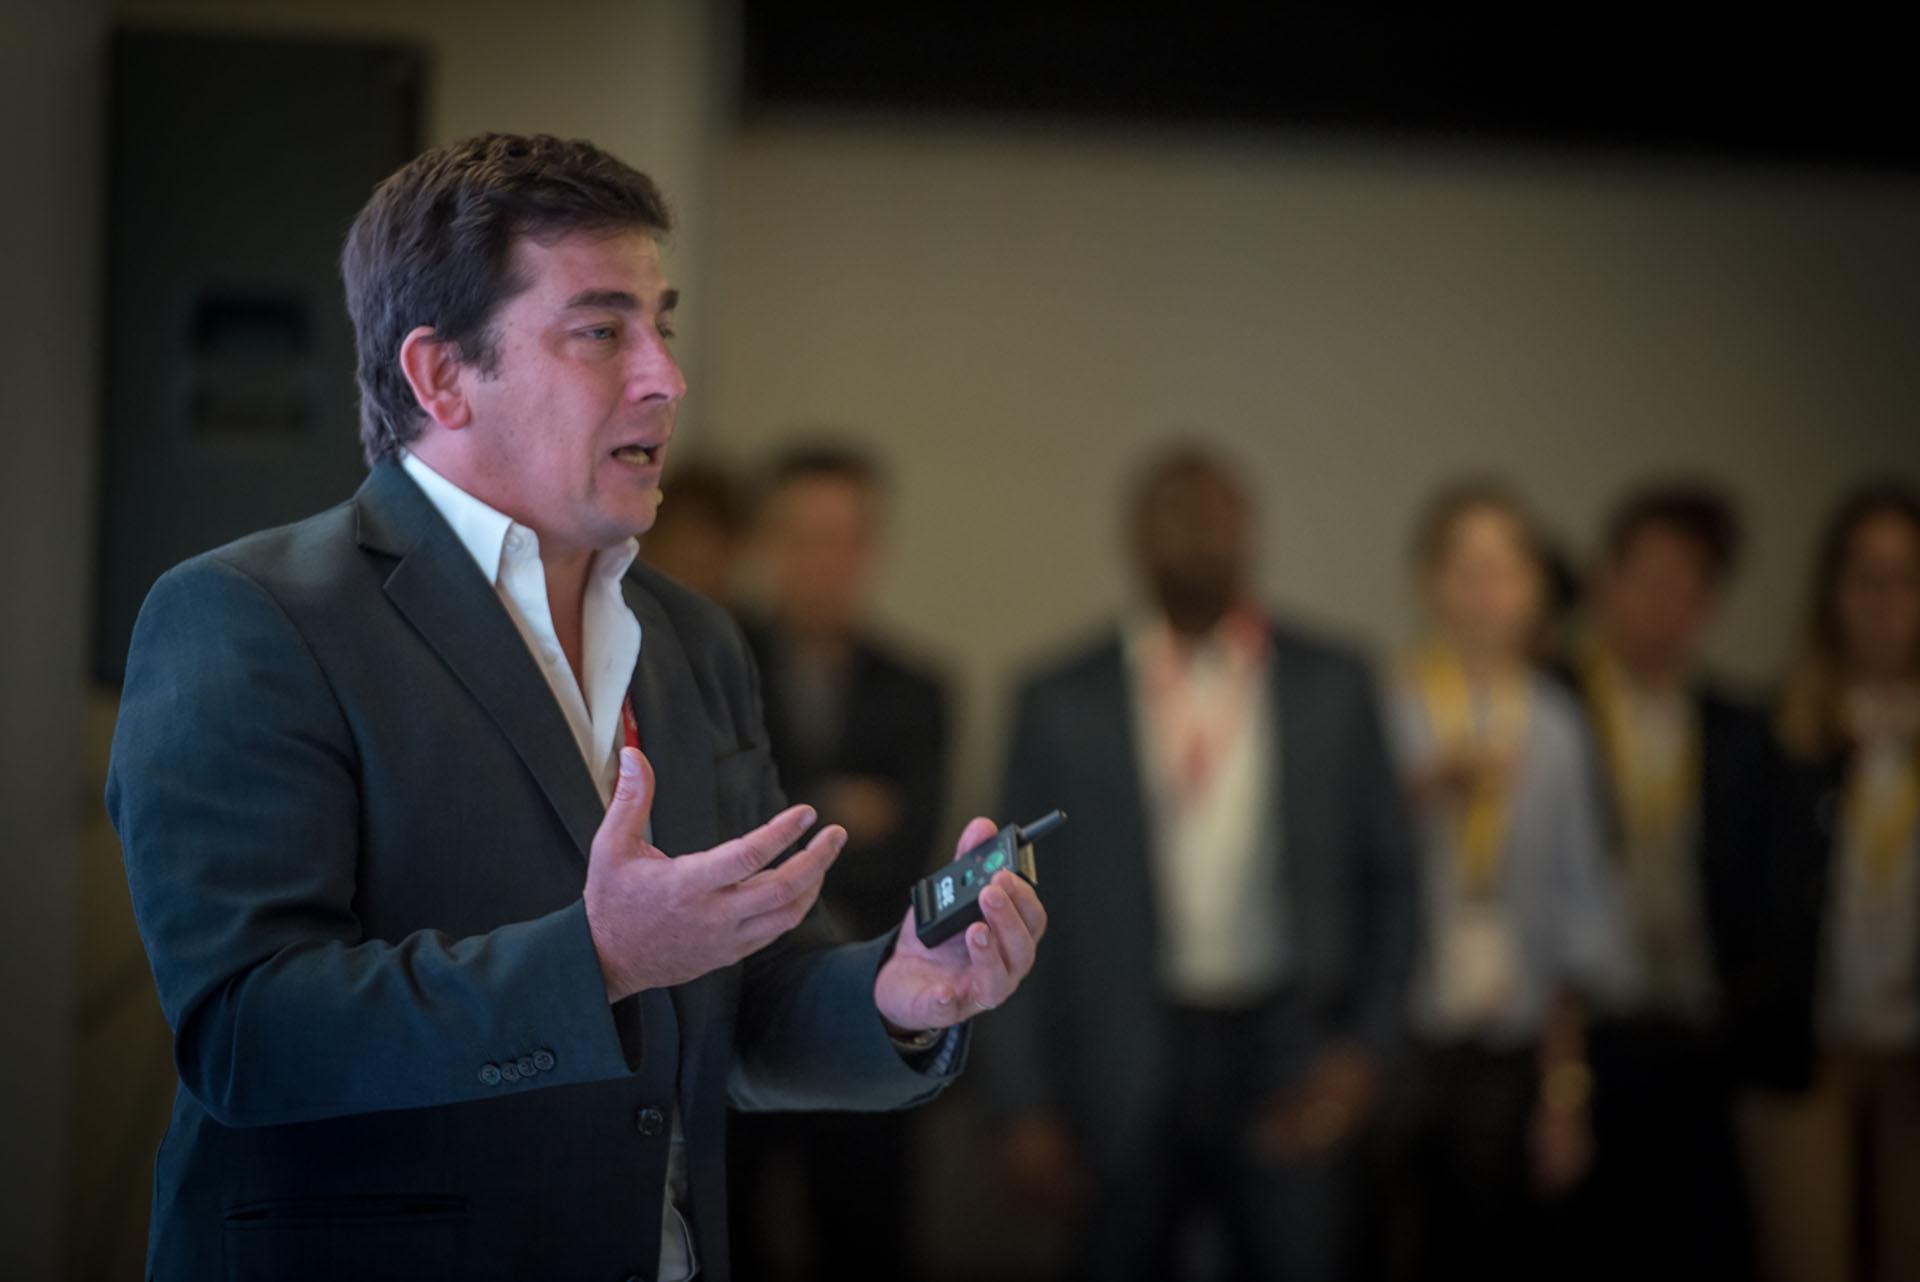 Durante el encuentro, Procaccinicompartióhistorias de emprendedores que crecieron usando herramientasy las plataformas de la empresa, comoYouTube.